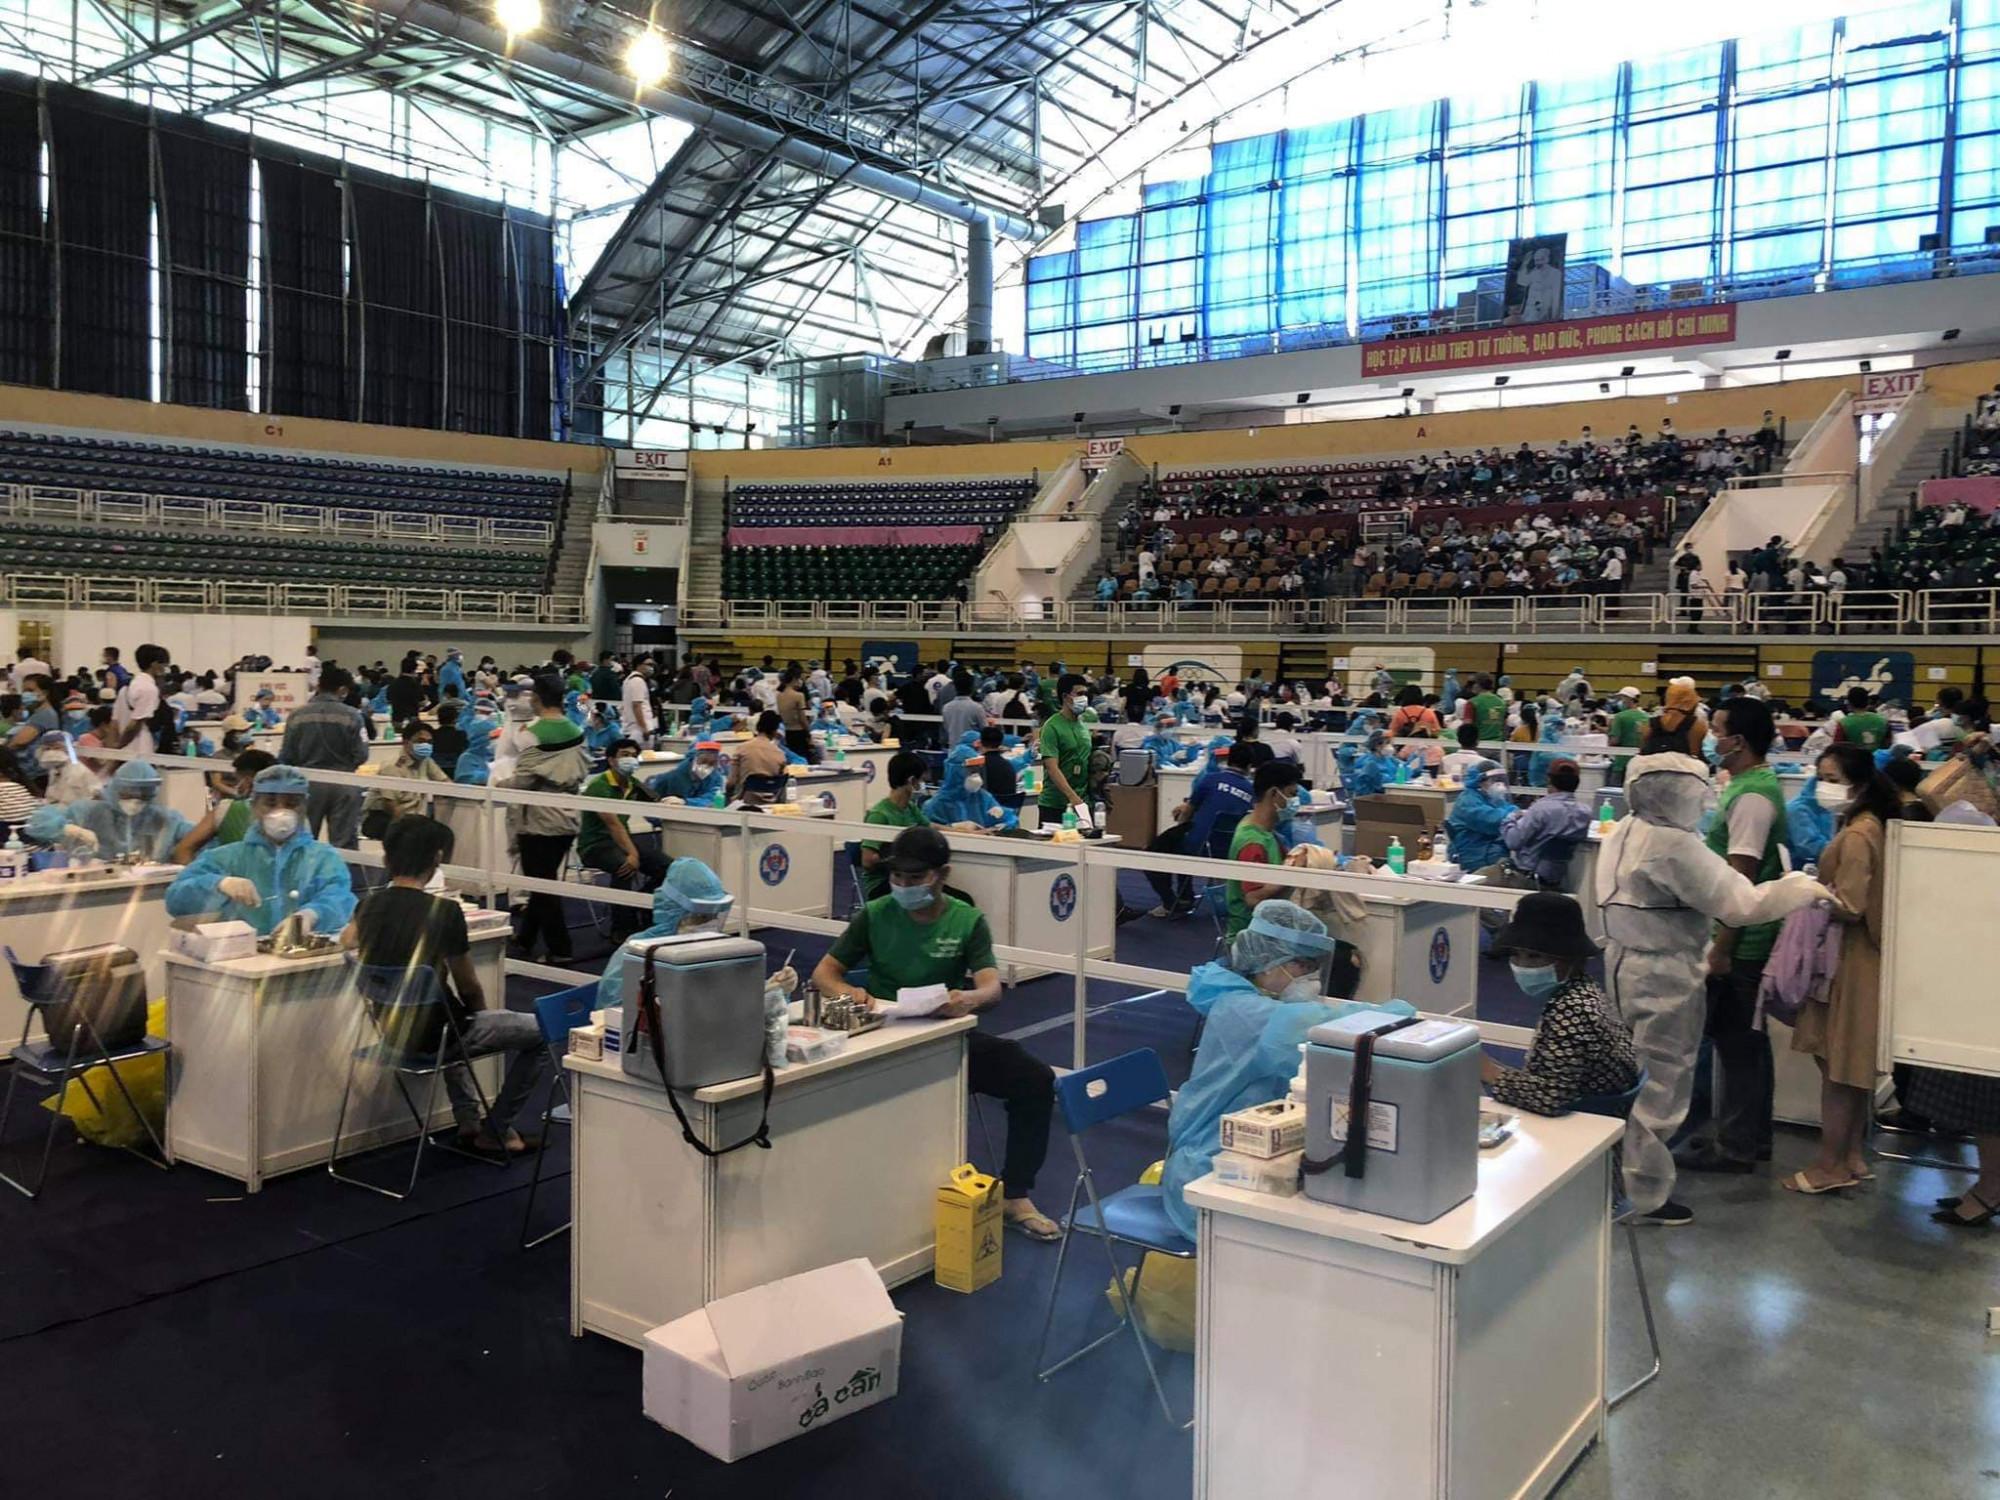 tại điểm tiêm Nhà thi đấu Phú Thọ có 9 đơn vị với 230 nhân viên y tế được bố trí bàn tiêm phía bên trong, các lối đi được giăng dây, có người hướng dẫn, dãn cách đảm bảo 2 mét, có khu vực theo dõi sau tiêm,…